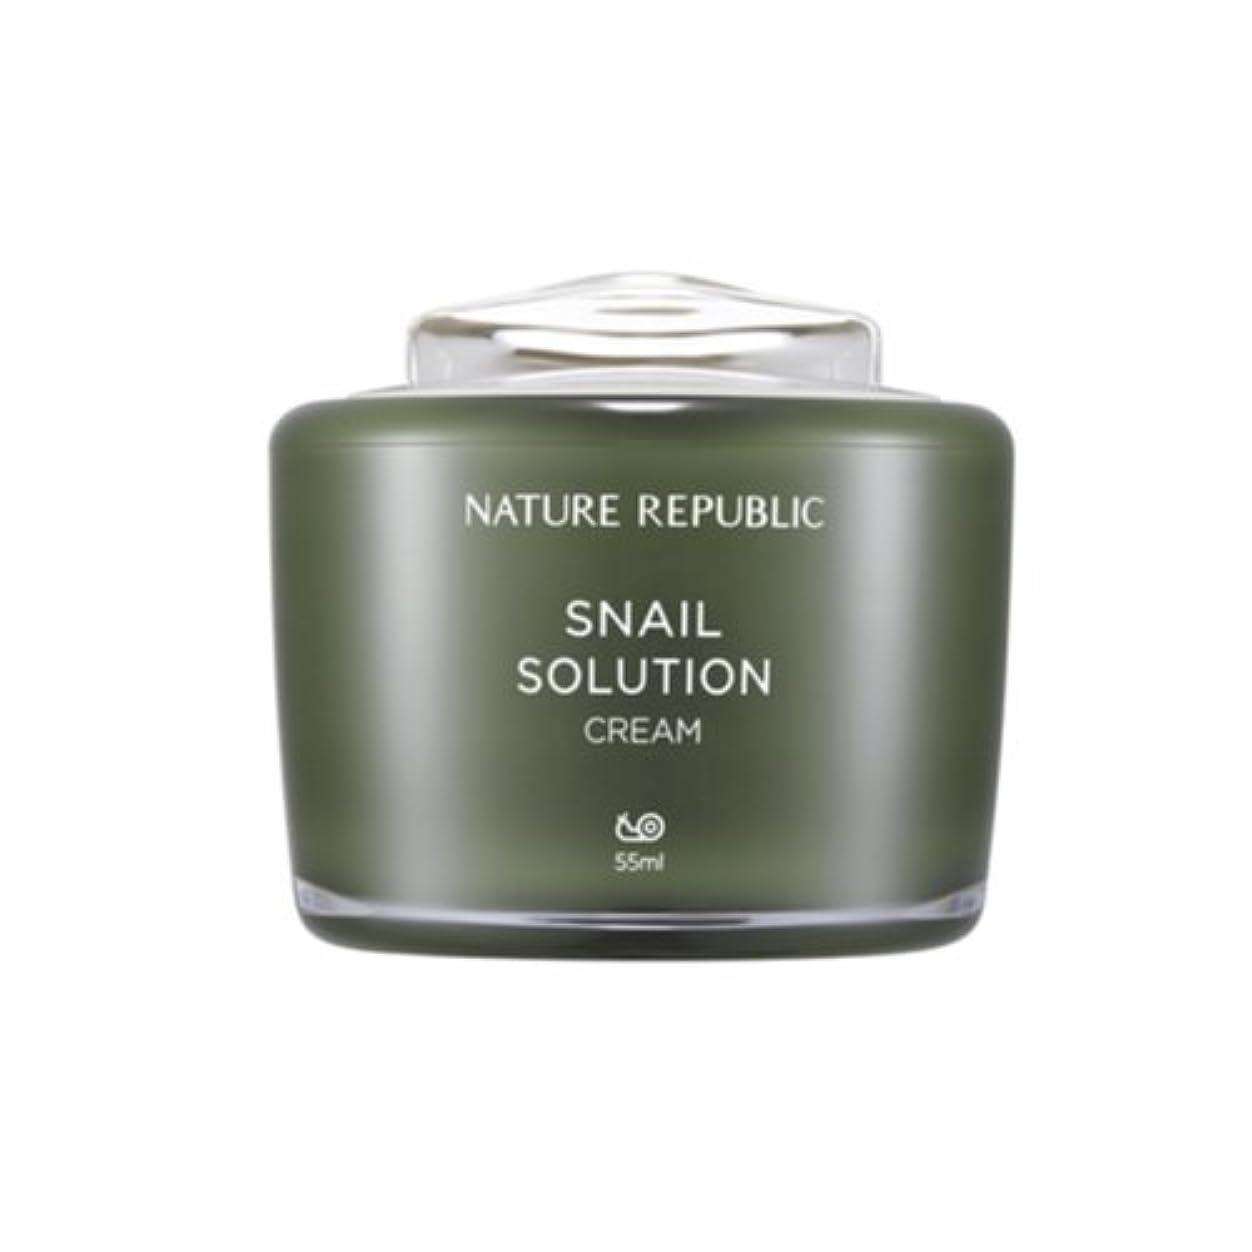 暴君発掘病な[ネイチャーリパブリック] Nature republicスネイルソリューションクリーム海外直送品(Snail Solution Cream) [並行輸入品]